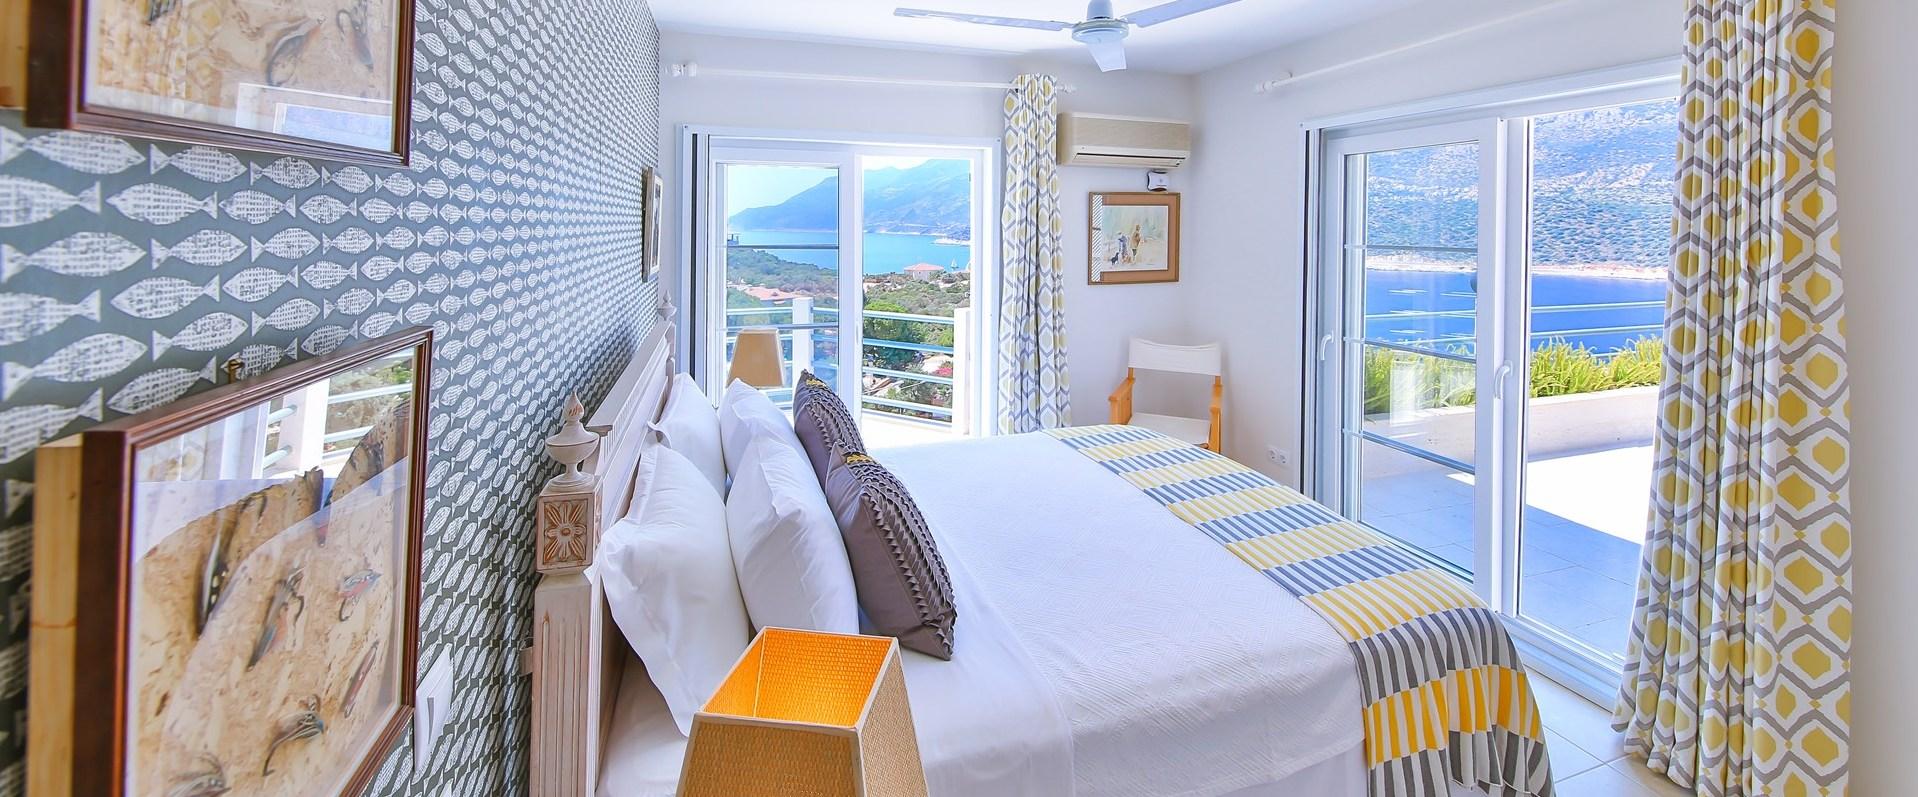 villa-kas-double-bedroom-1